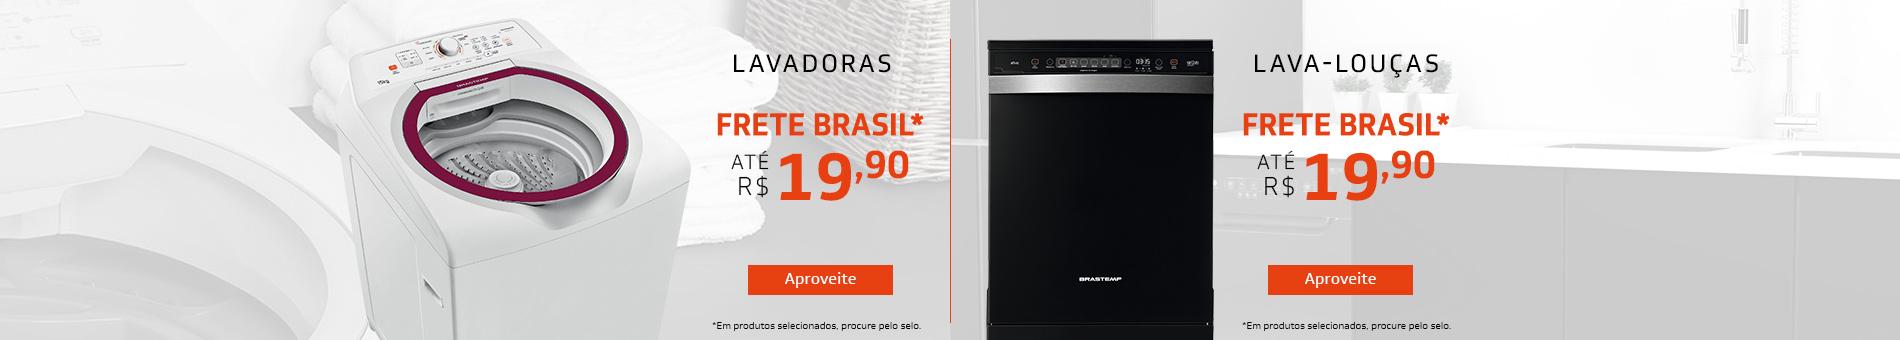 Promoção Interna - 2183 - camp-generica_lavadoras-louça-duplo_20022018_home5 - lavadoras-louça-duplo - 5